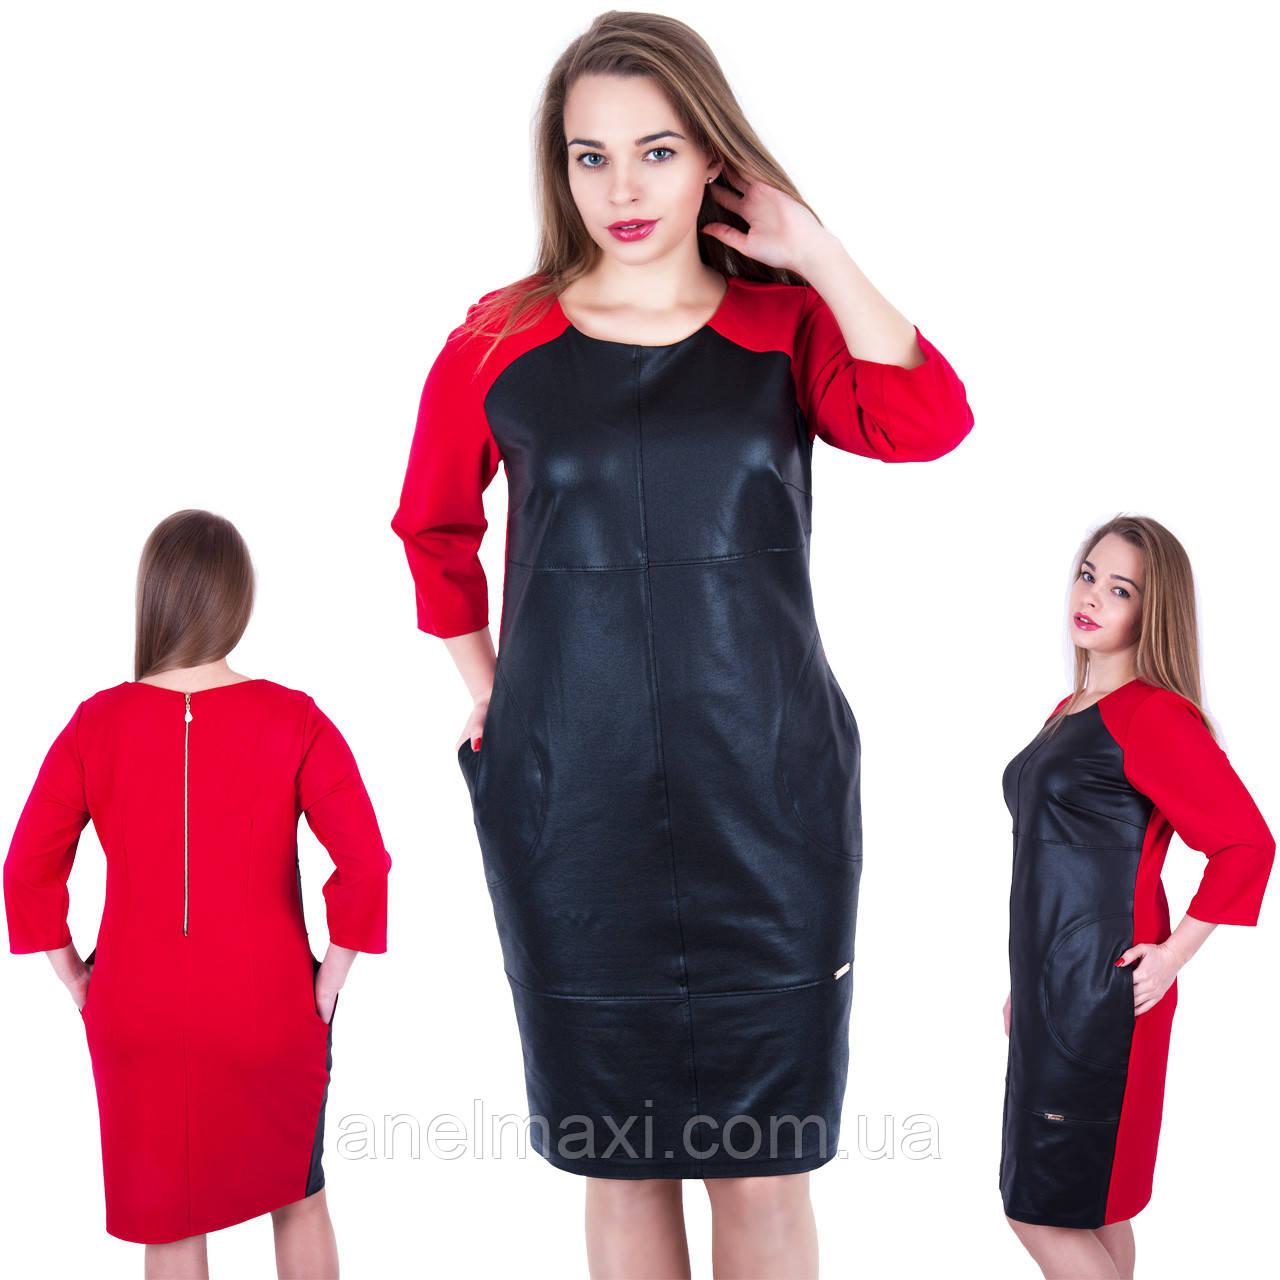 Купить платье 54-56 размера недорого